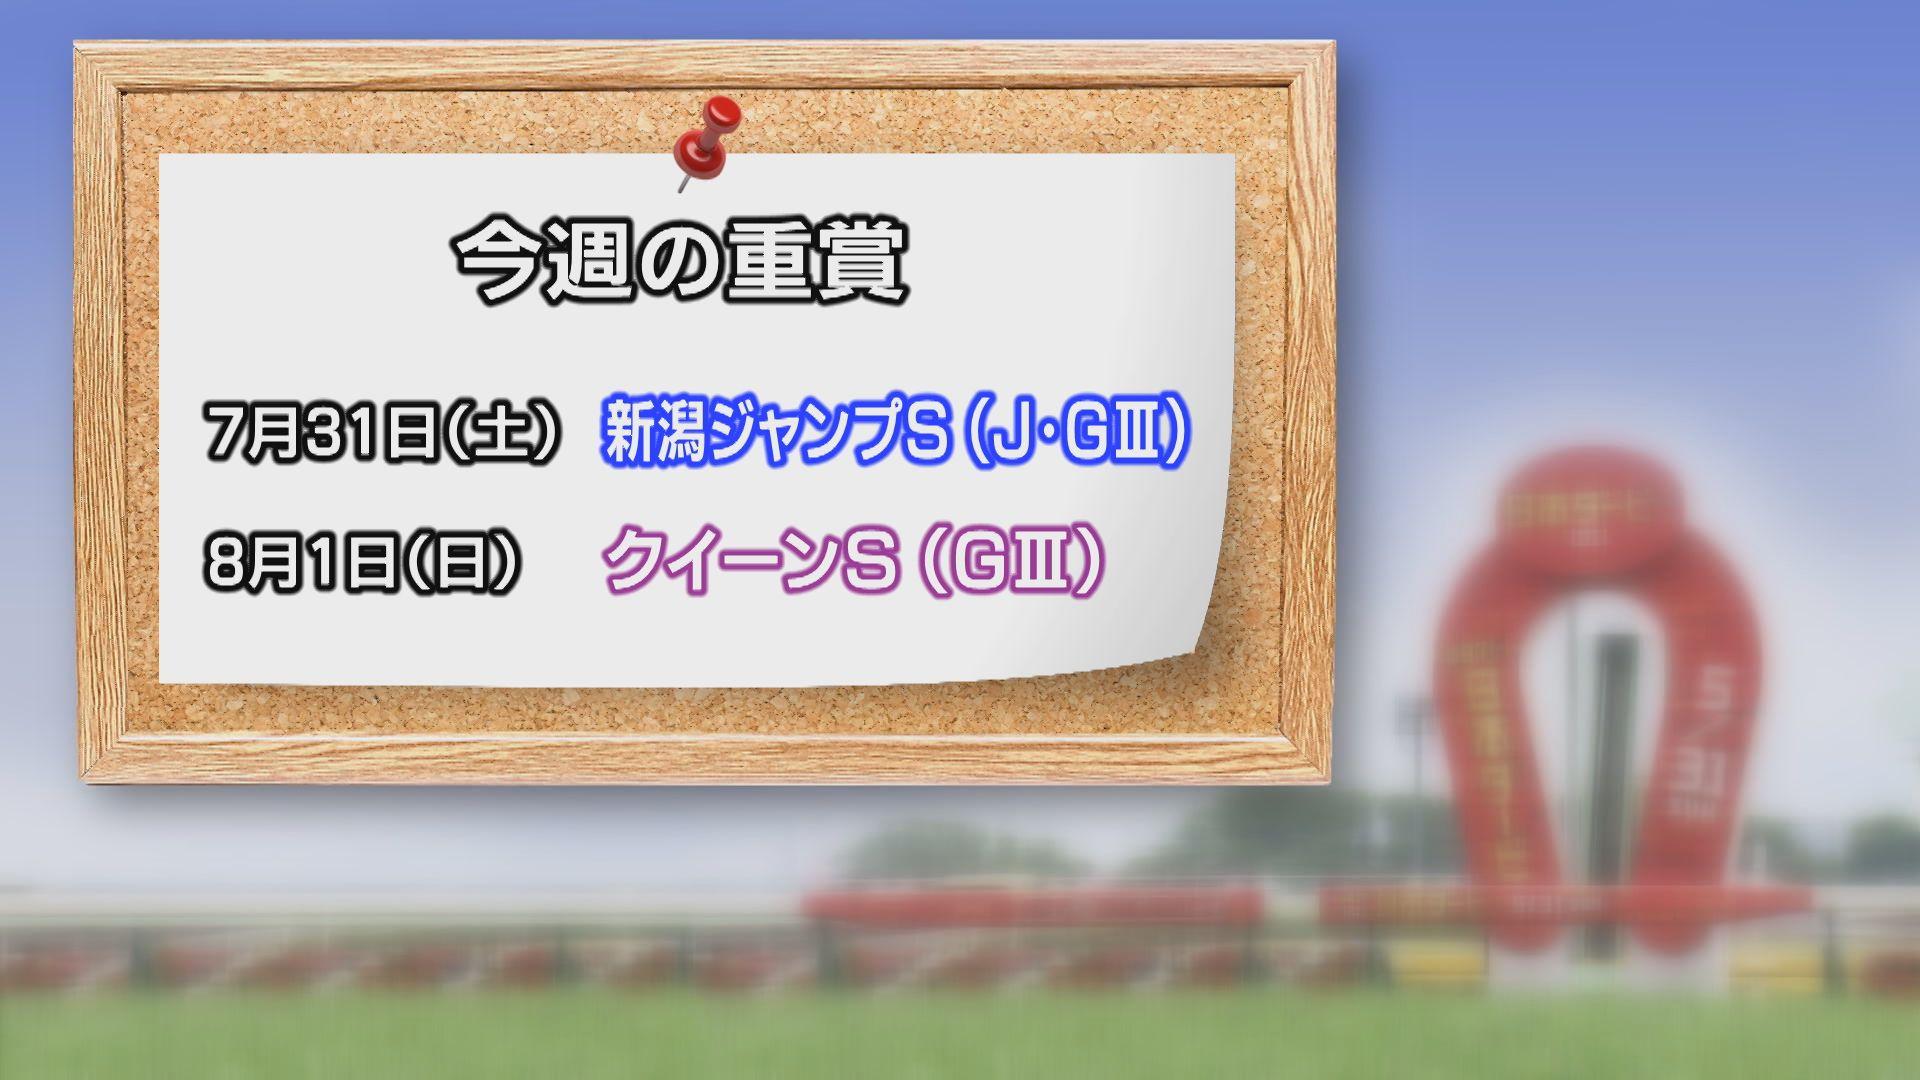 【今週の重賞インフォメーション】クイーンS 8/1(日)